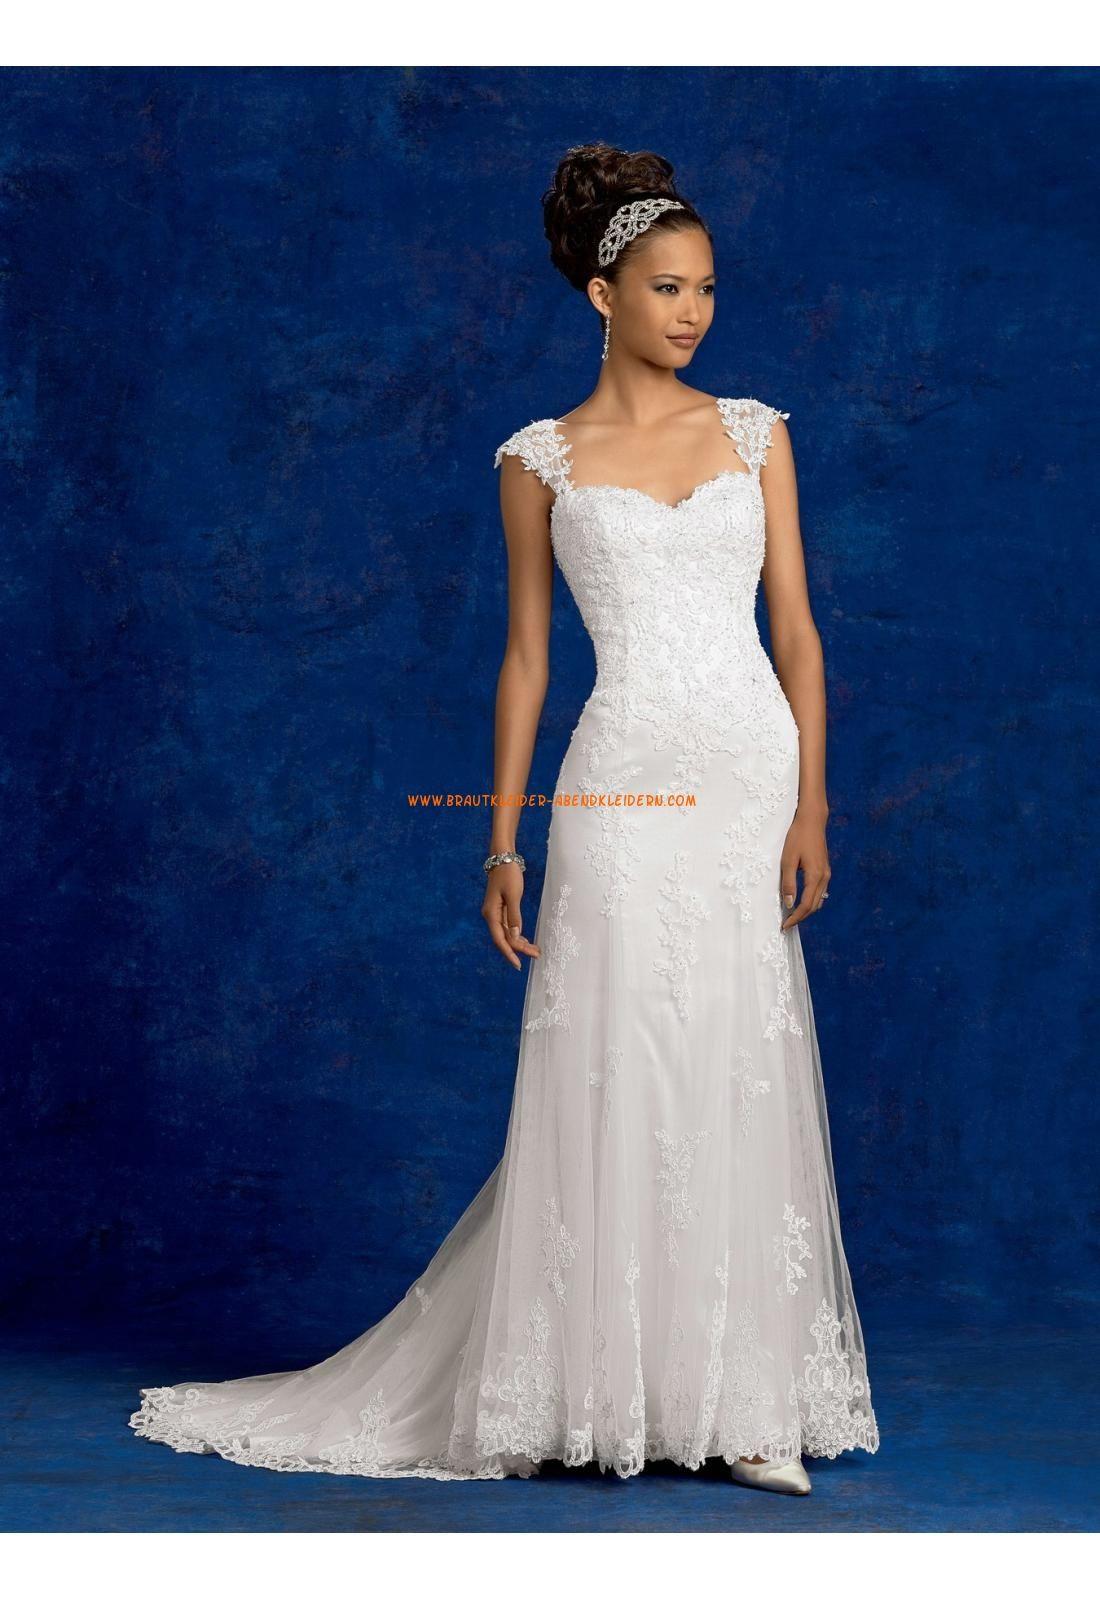 Meerjungfrau Schöne Ausgefallen Brautkleider aus Tüll mit Applikation